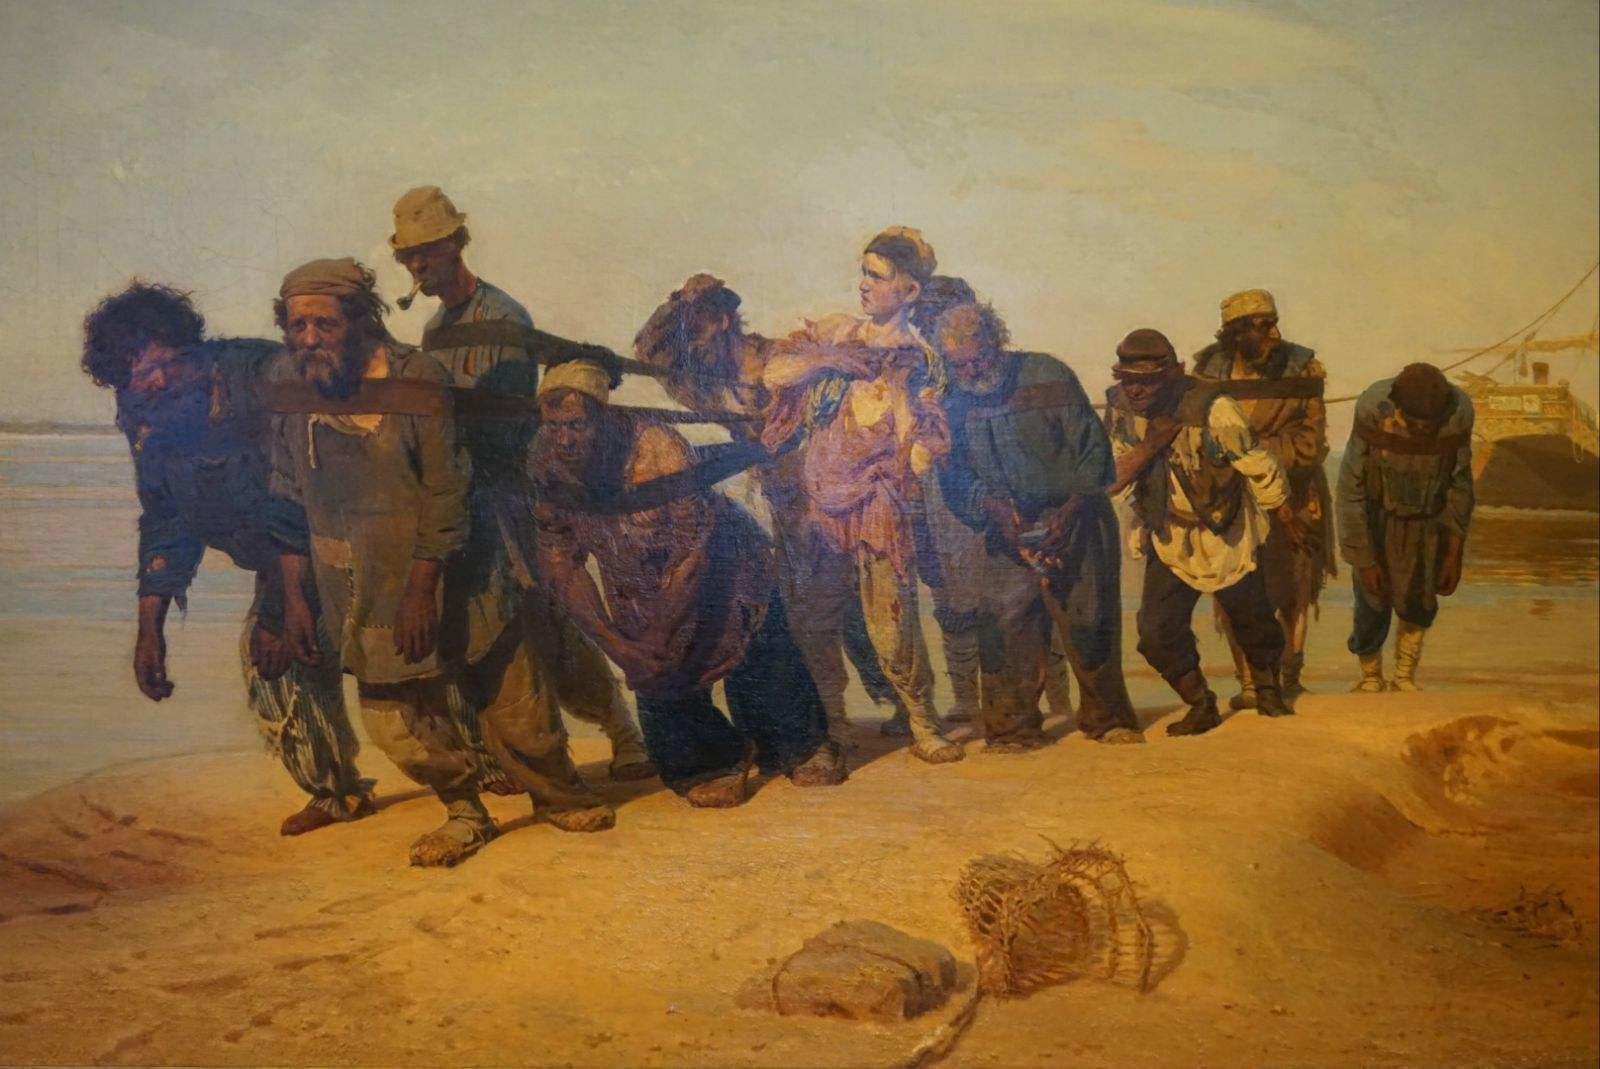 俄国人的名字_19世纪俄国社会记录者:那些批判现实主义画家列宾的事 - 知乎